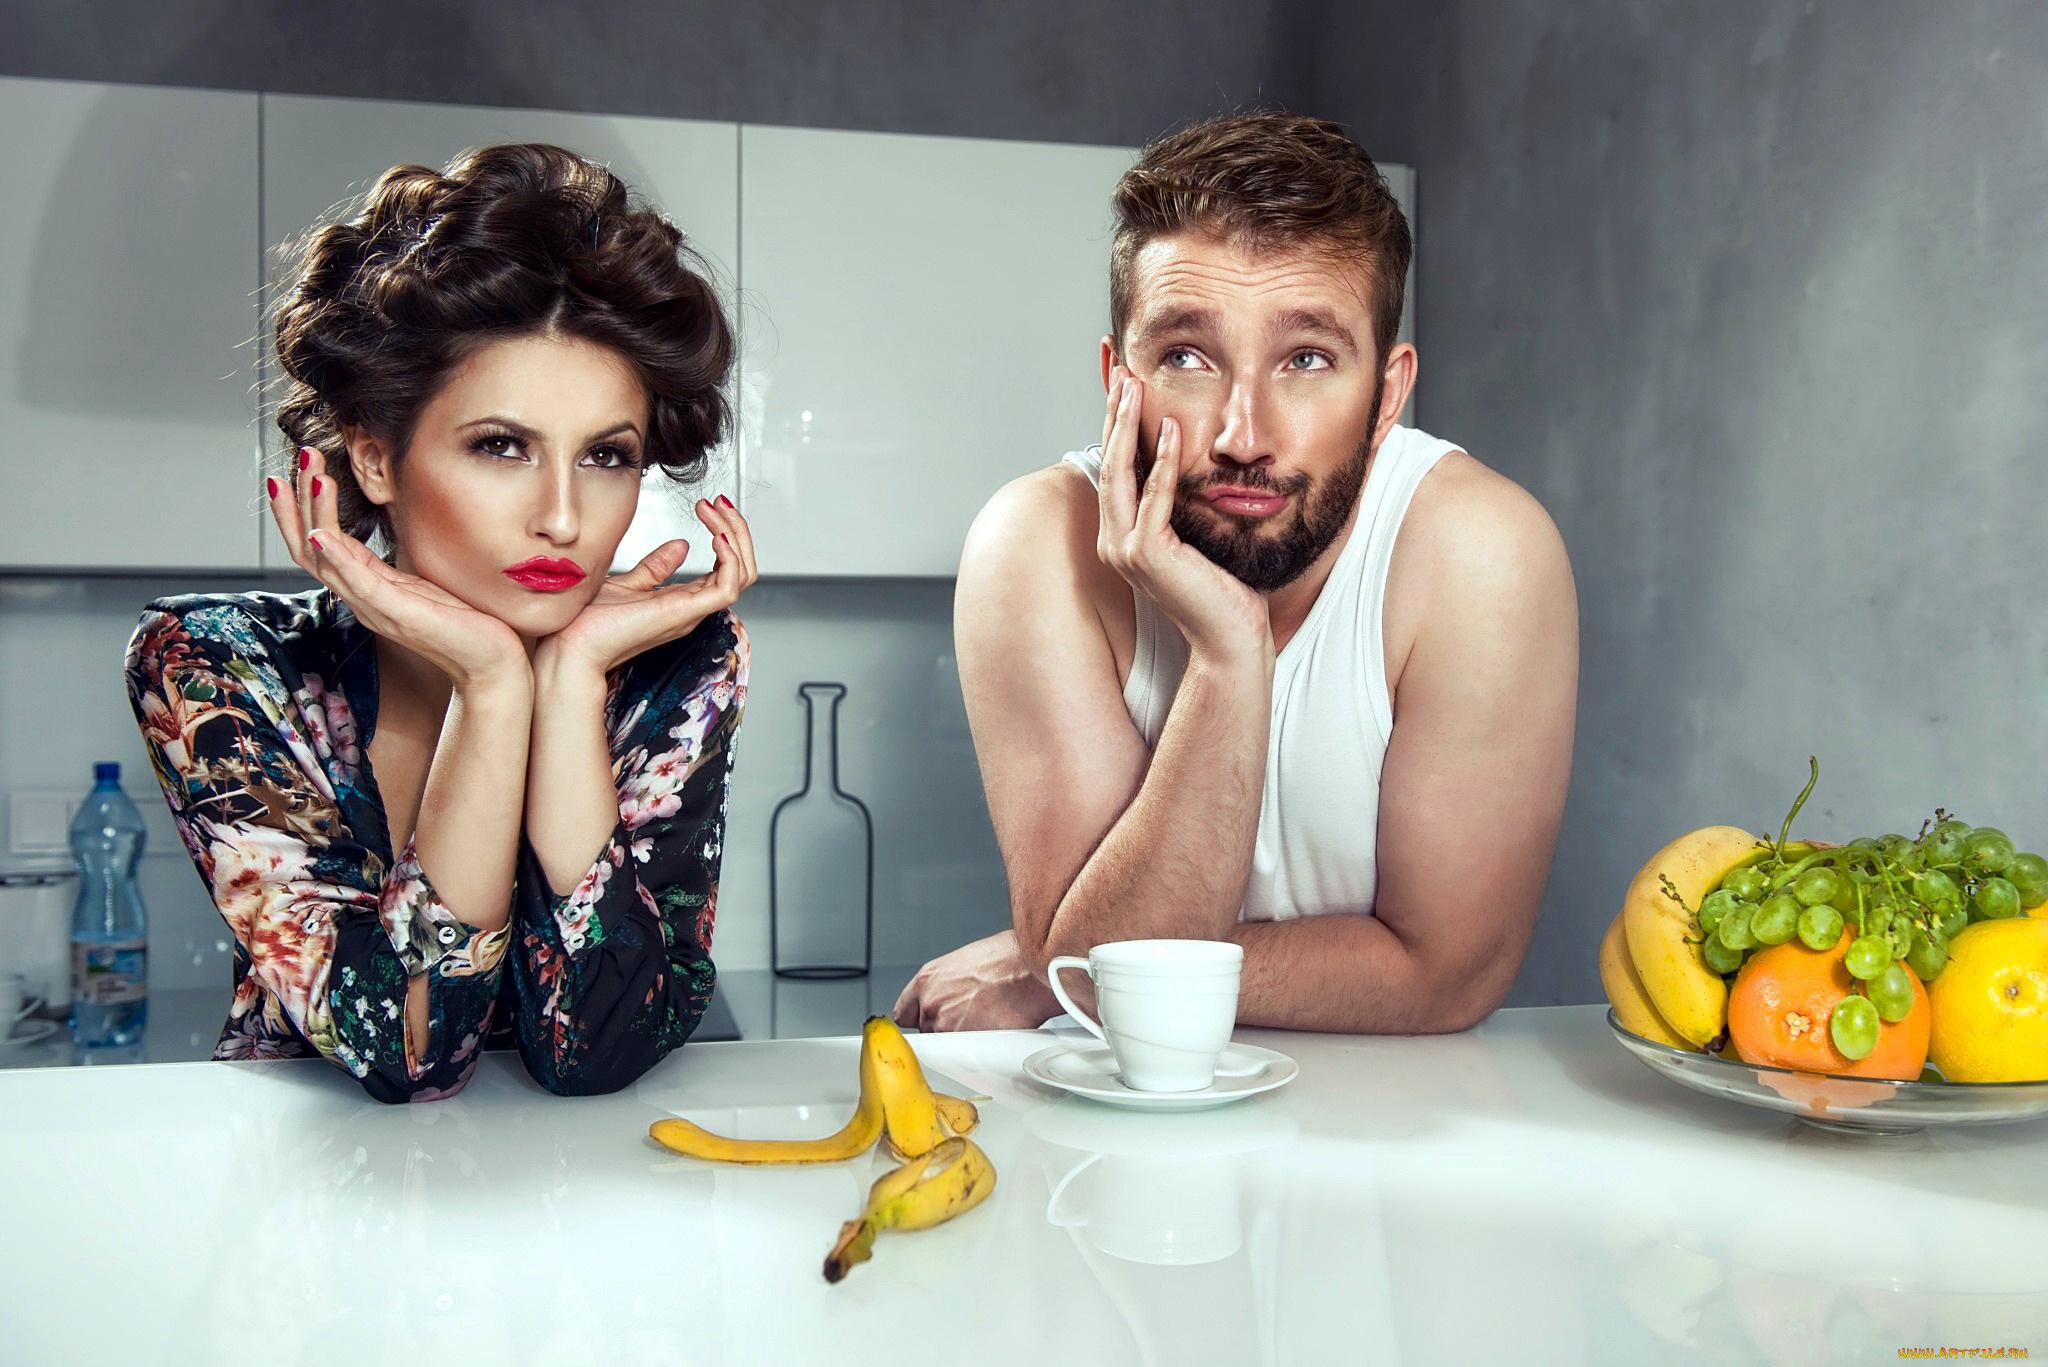 этих строк фото мужчины и женщины на кухне зрелую